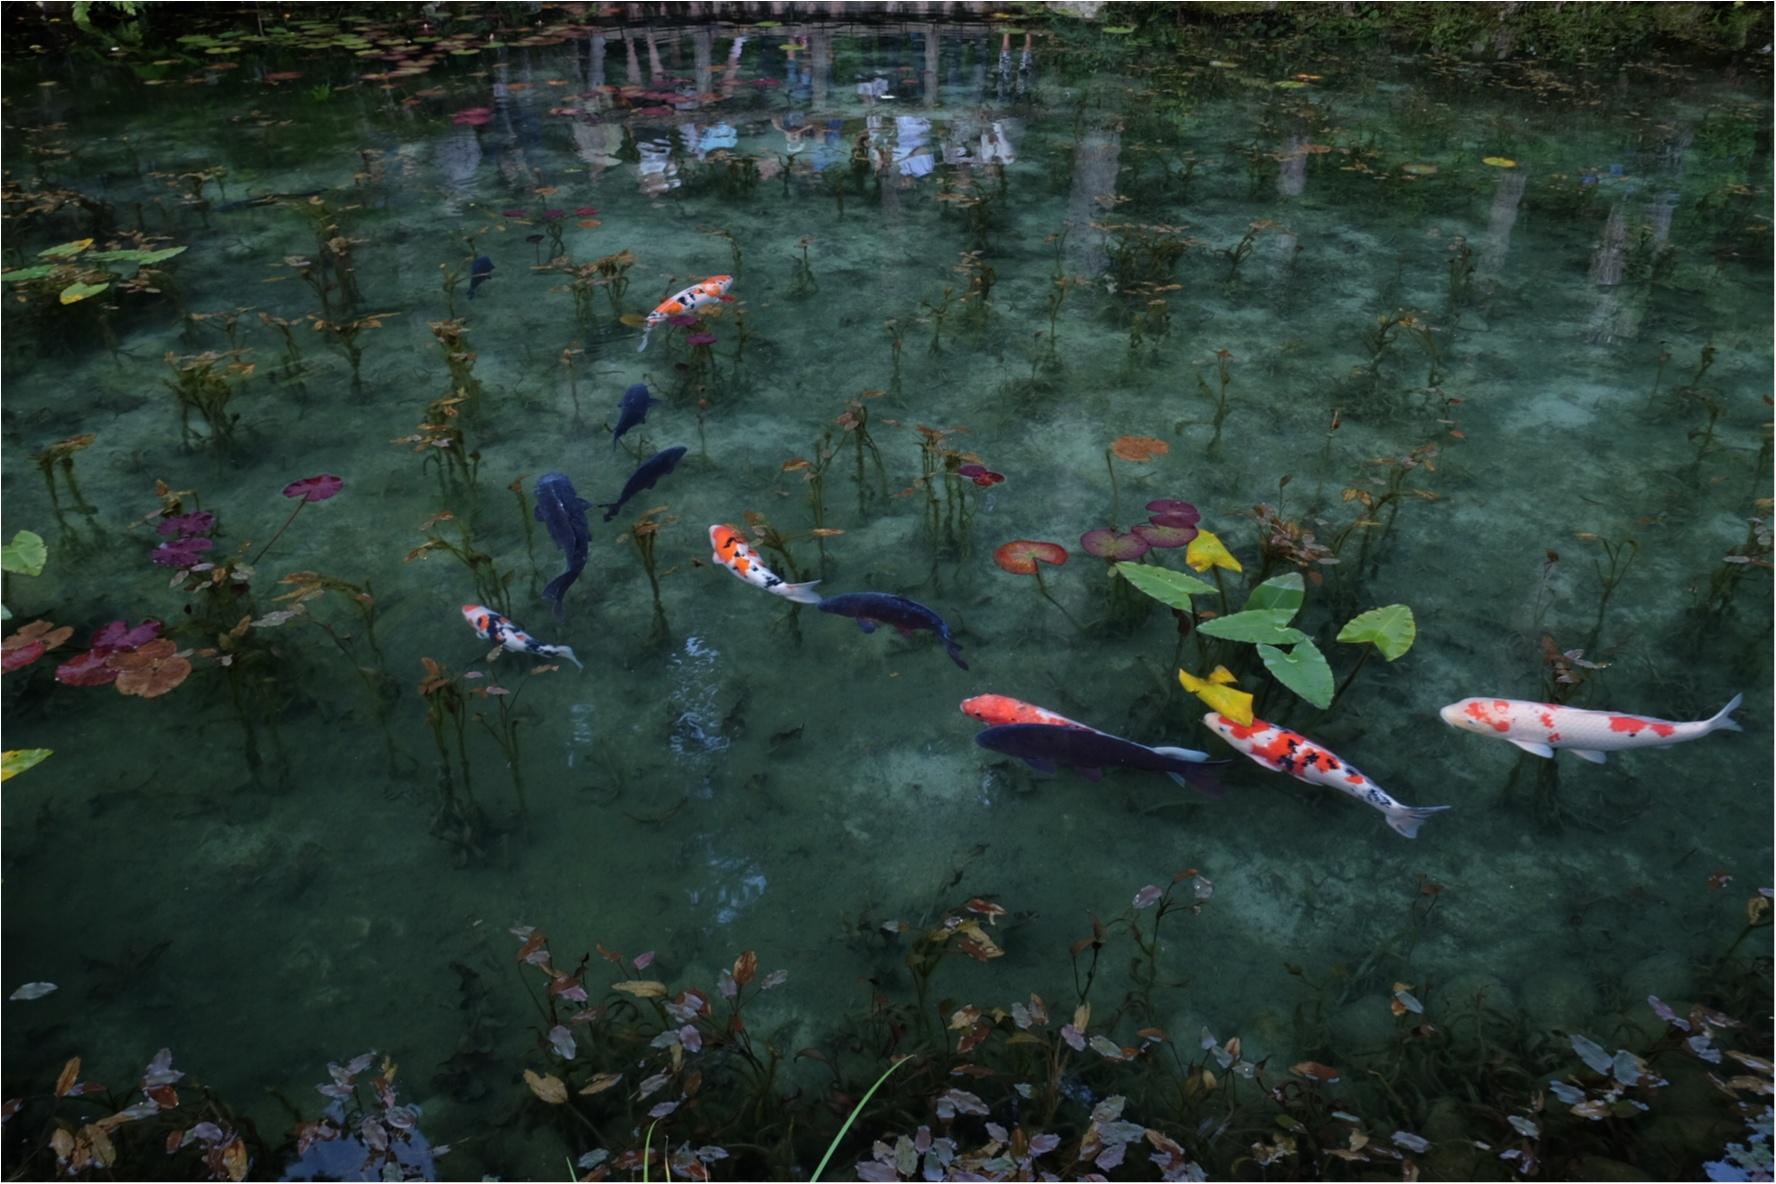 …ஐ オススメスポット✌︎あの【モネの池】が、岐阜県に実在した?! ஐ¨_1